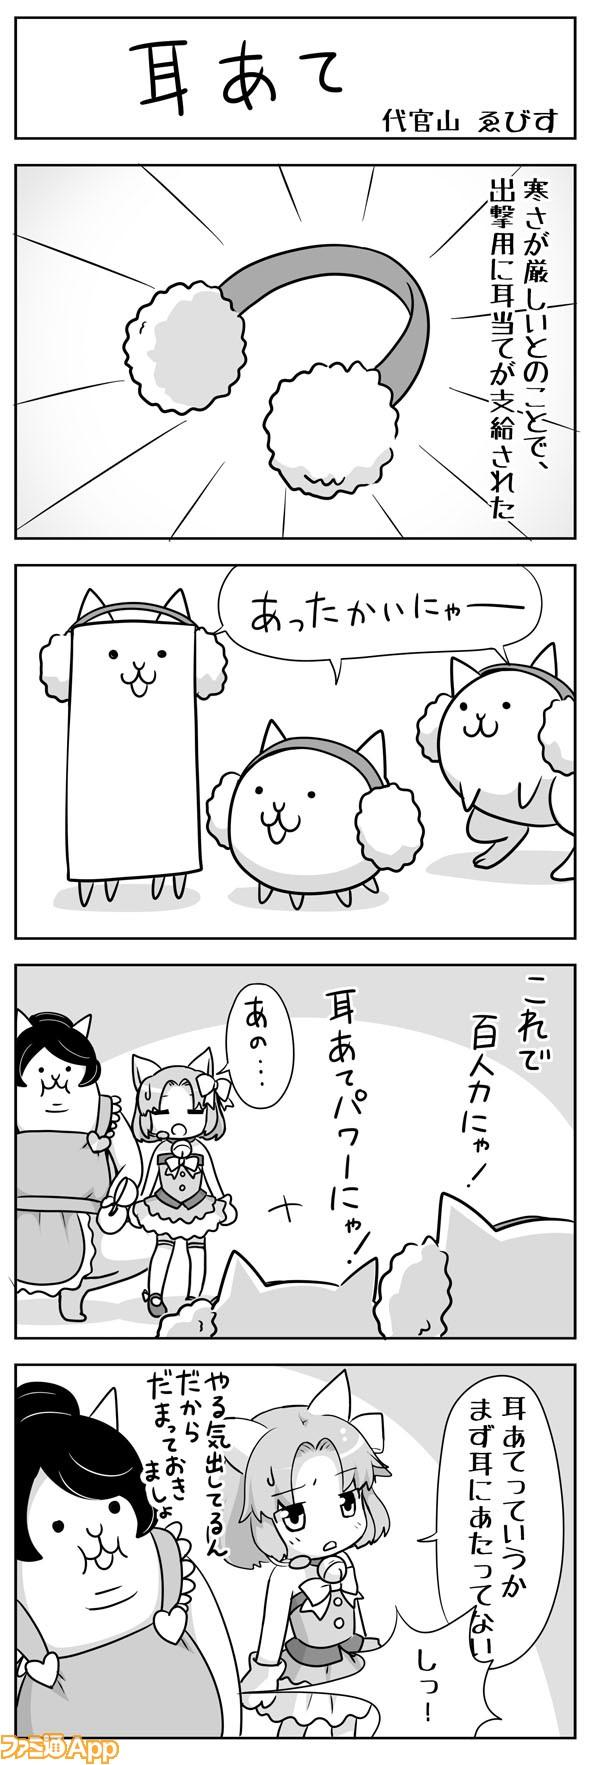 01daik_075